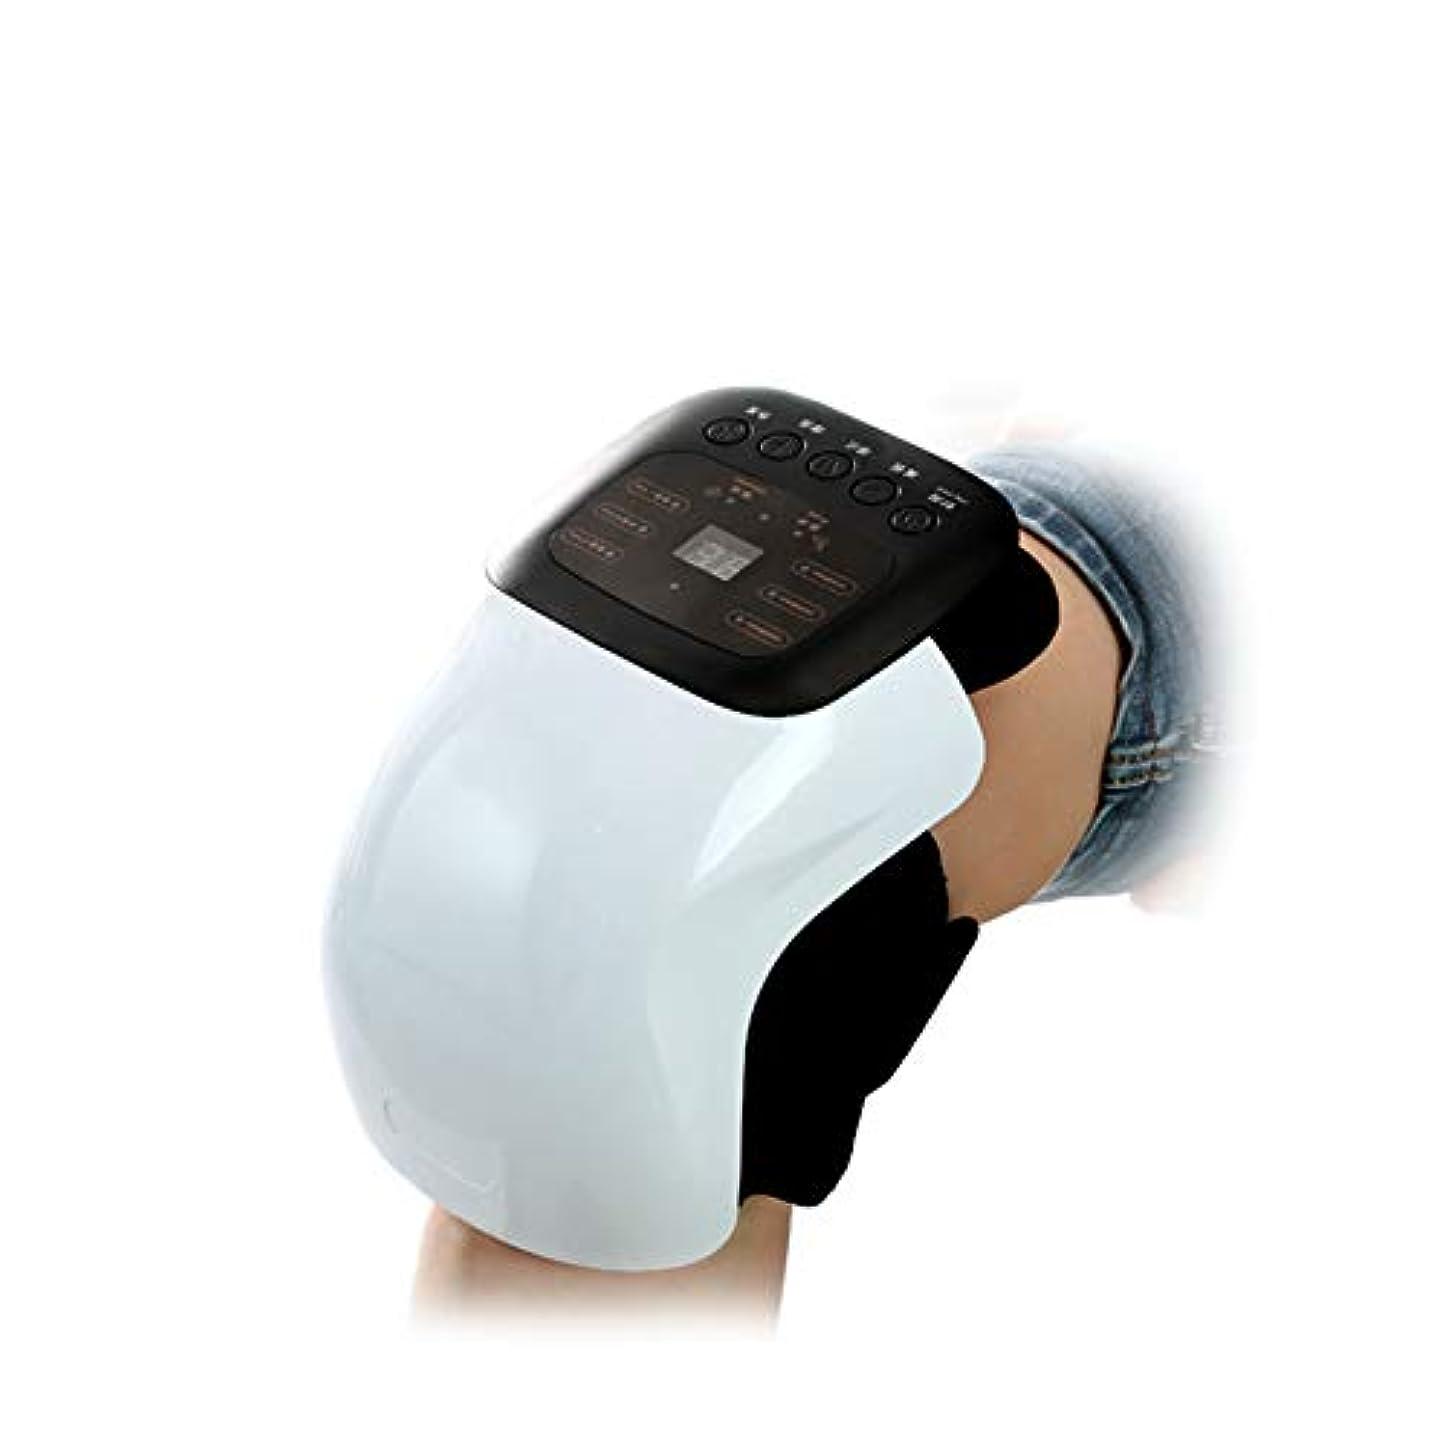 ほめる彼自身テレビ変形性関節症リウマチ関節炎、電気痛緩和ケア用品のためのパルス、振動、加熱を伴うスマートニー理学療法マッサージ器